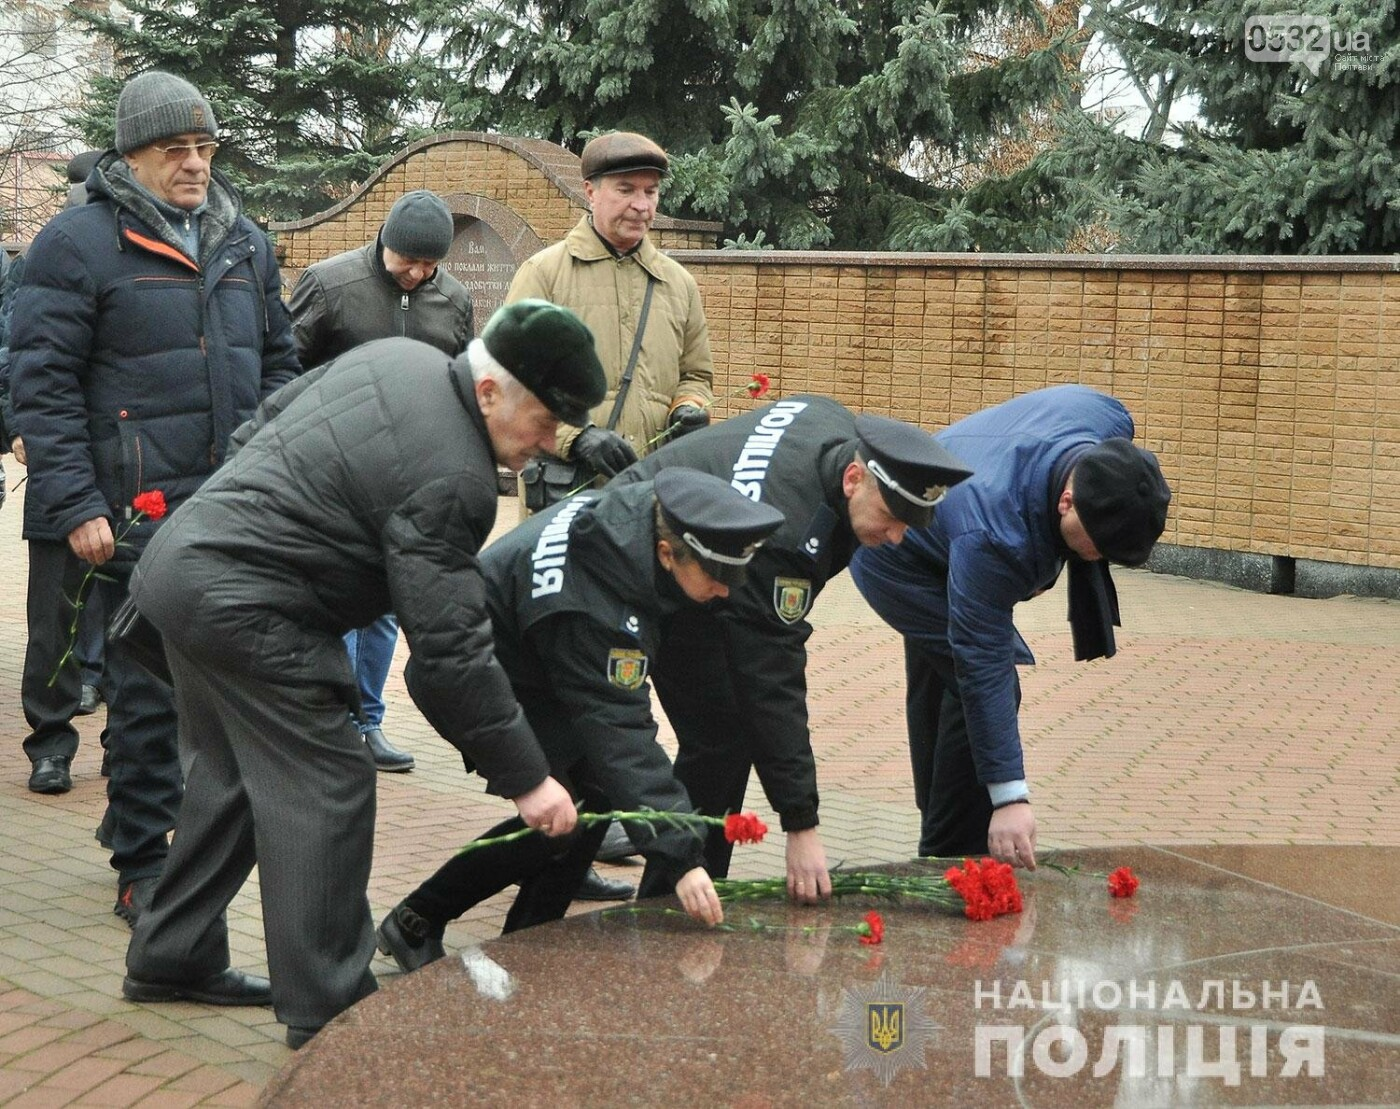 Поліція Полтавщини вшанувала пам'ять учасників ліквідації наслідків аварії на ЧАЕС, фото-4